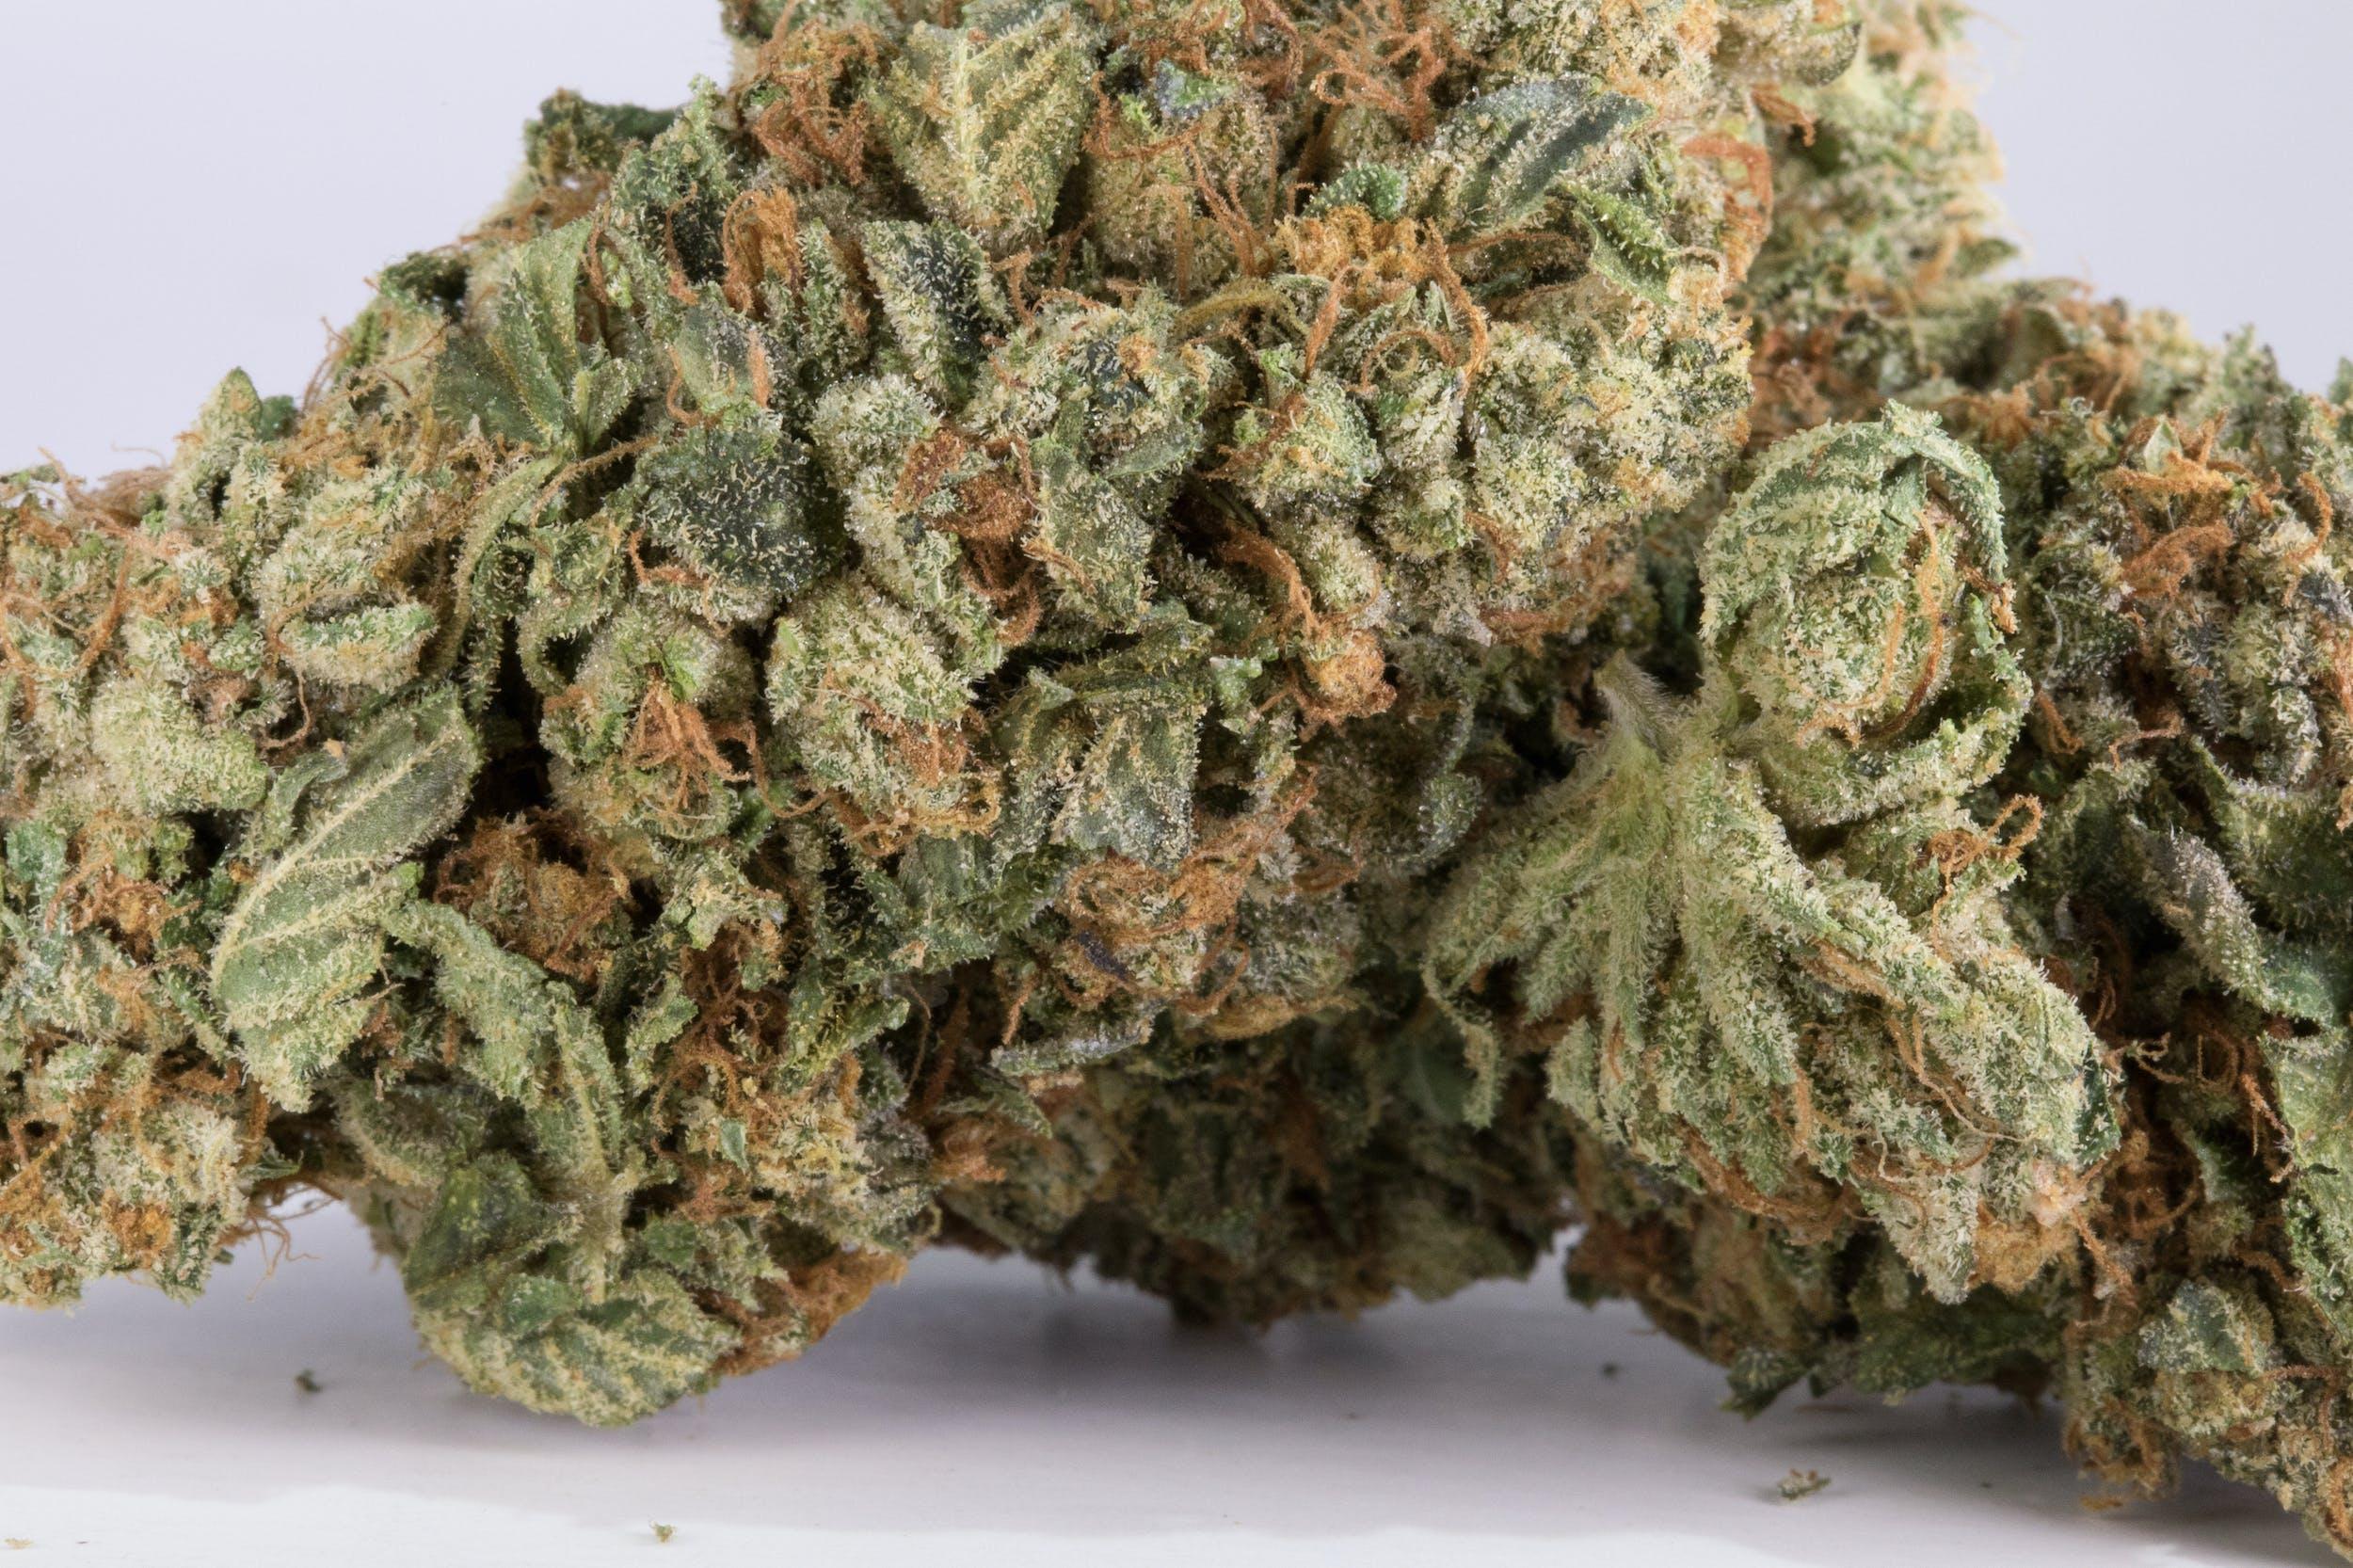 Blueberry Muffins Weed; Blueberry Muffins Cannabis Strain; Blueberry Muffins Hybrid Marijuana Strain